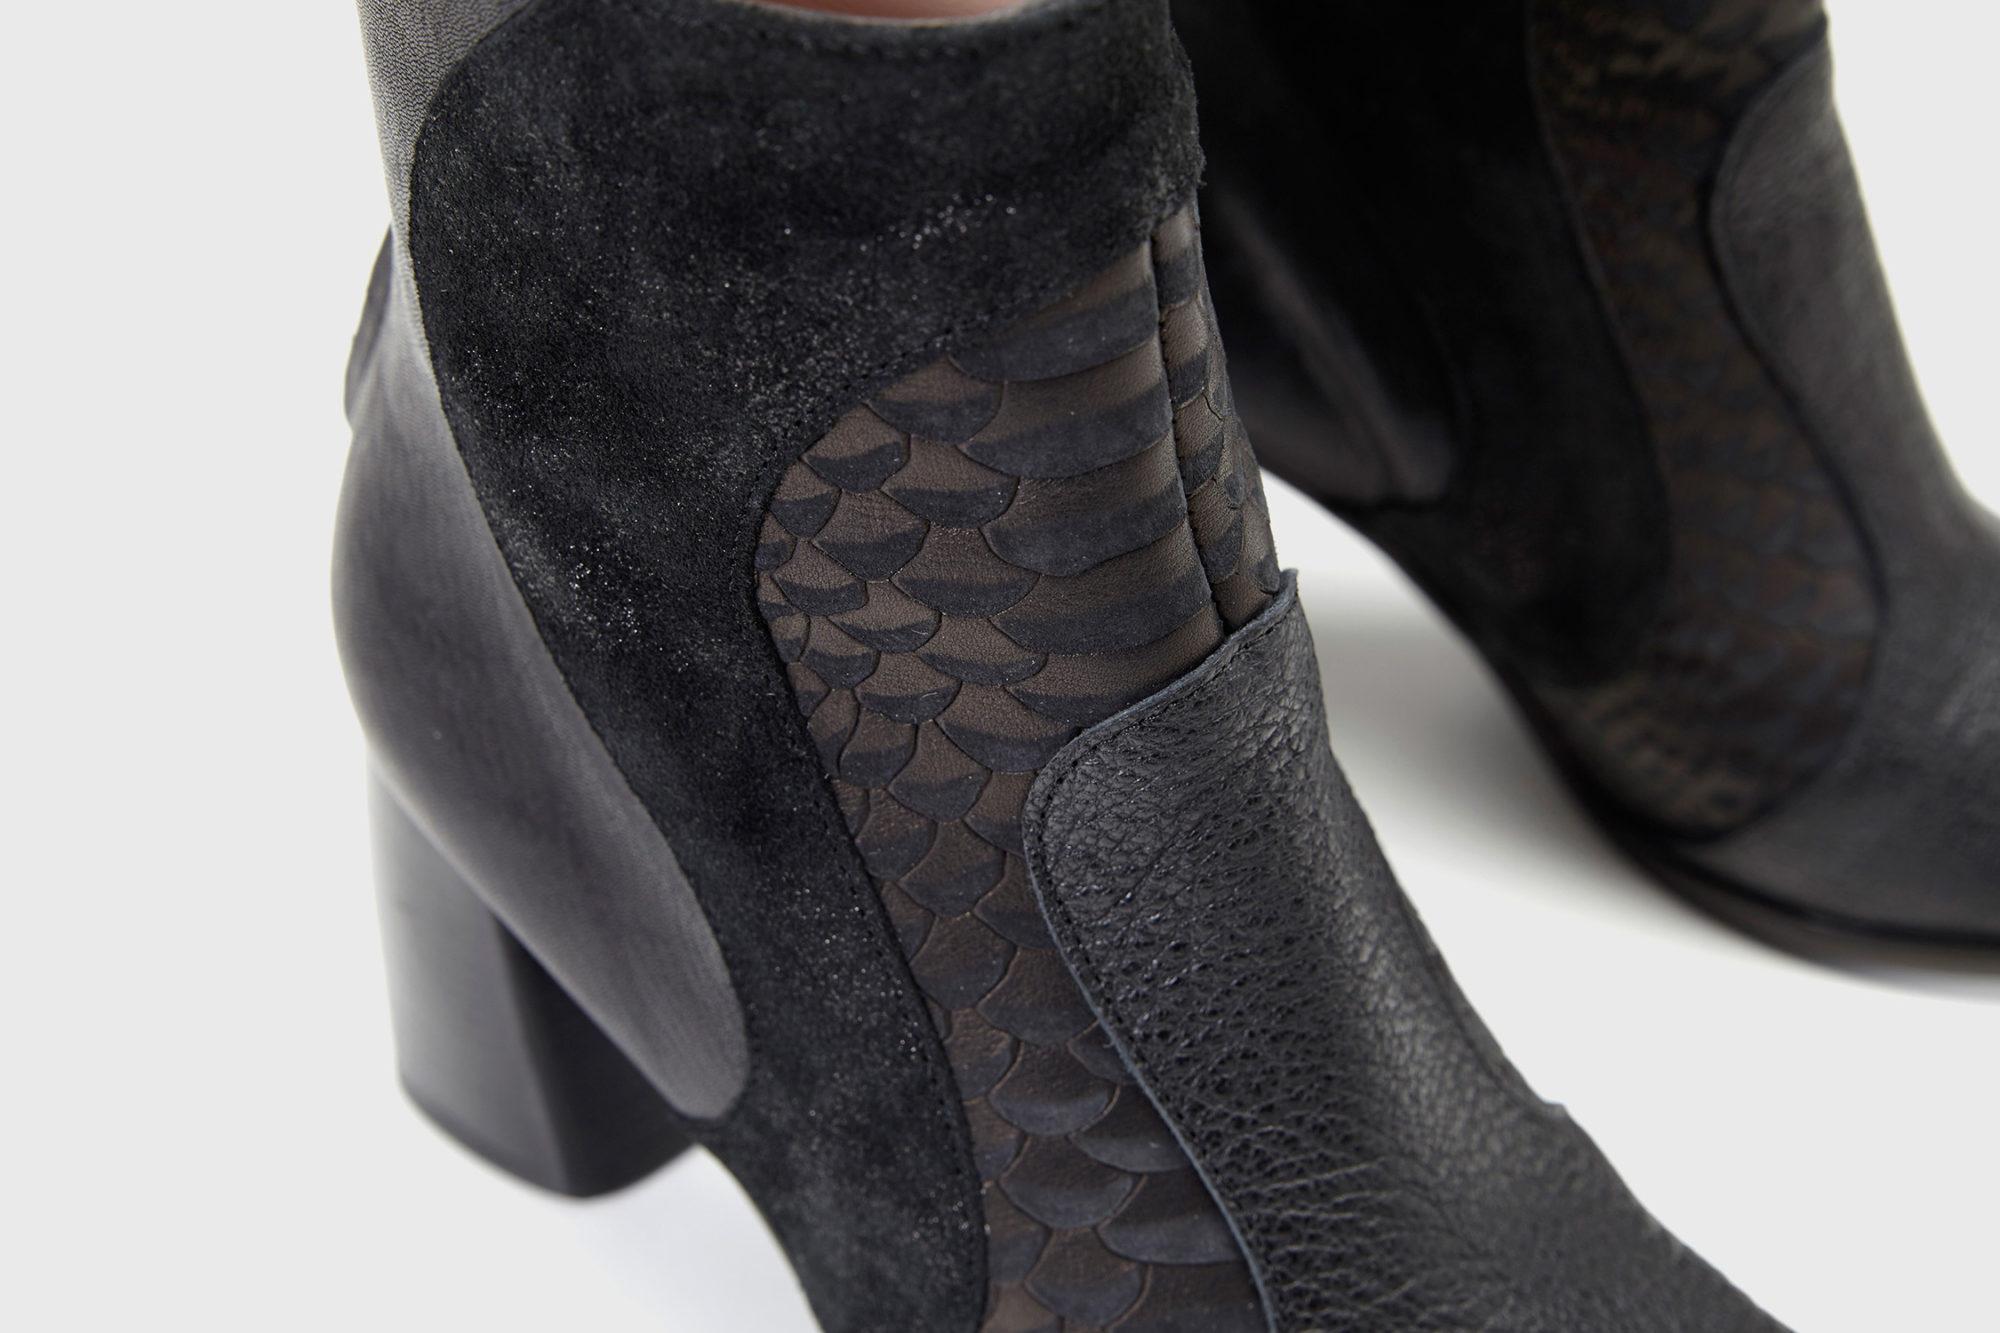 Dorotea botín de tacón alto Joy color negro fw18 detalle